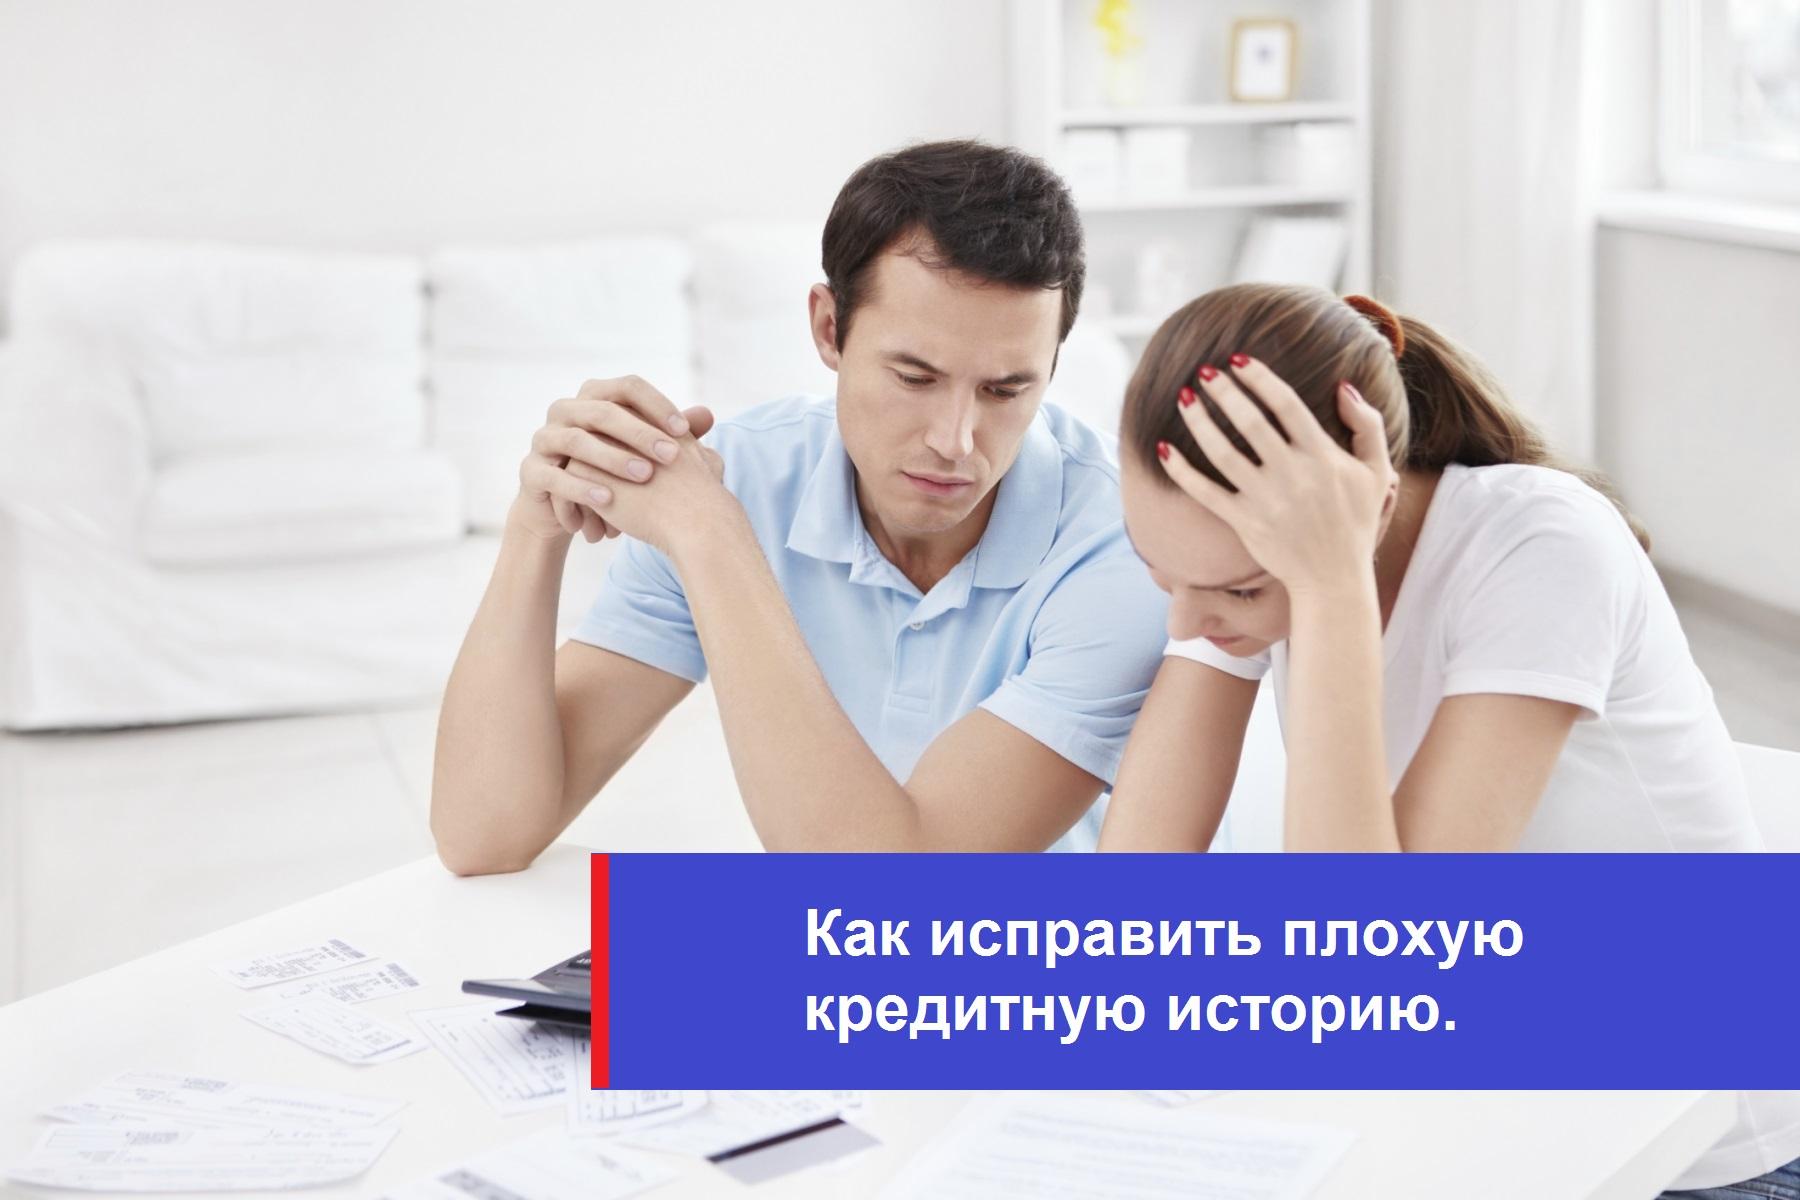 исправлю кредитную историю